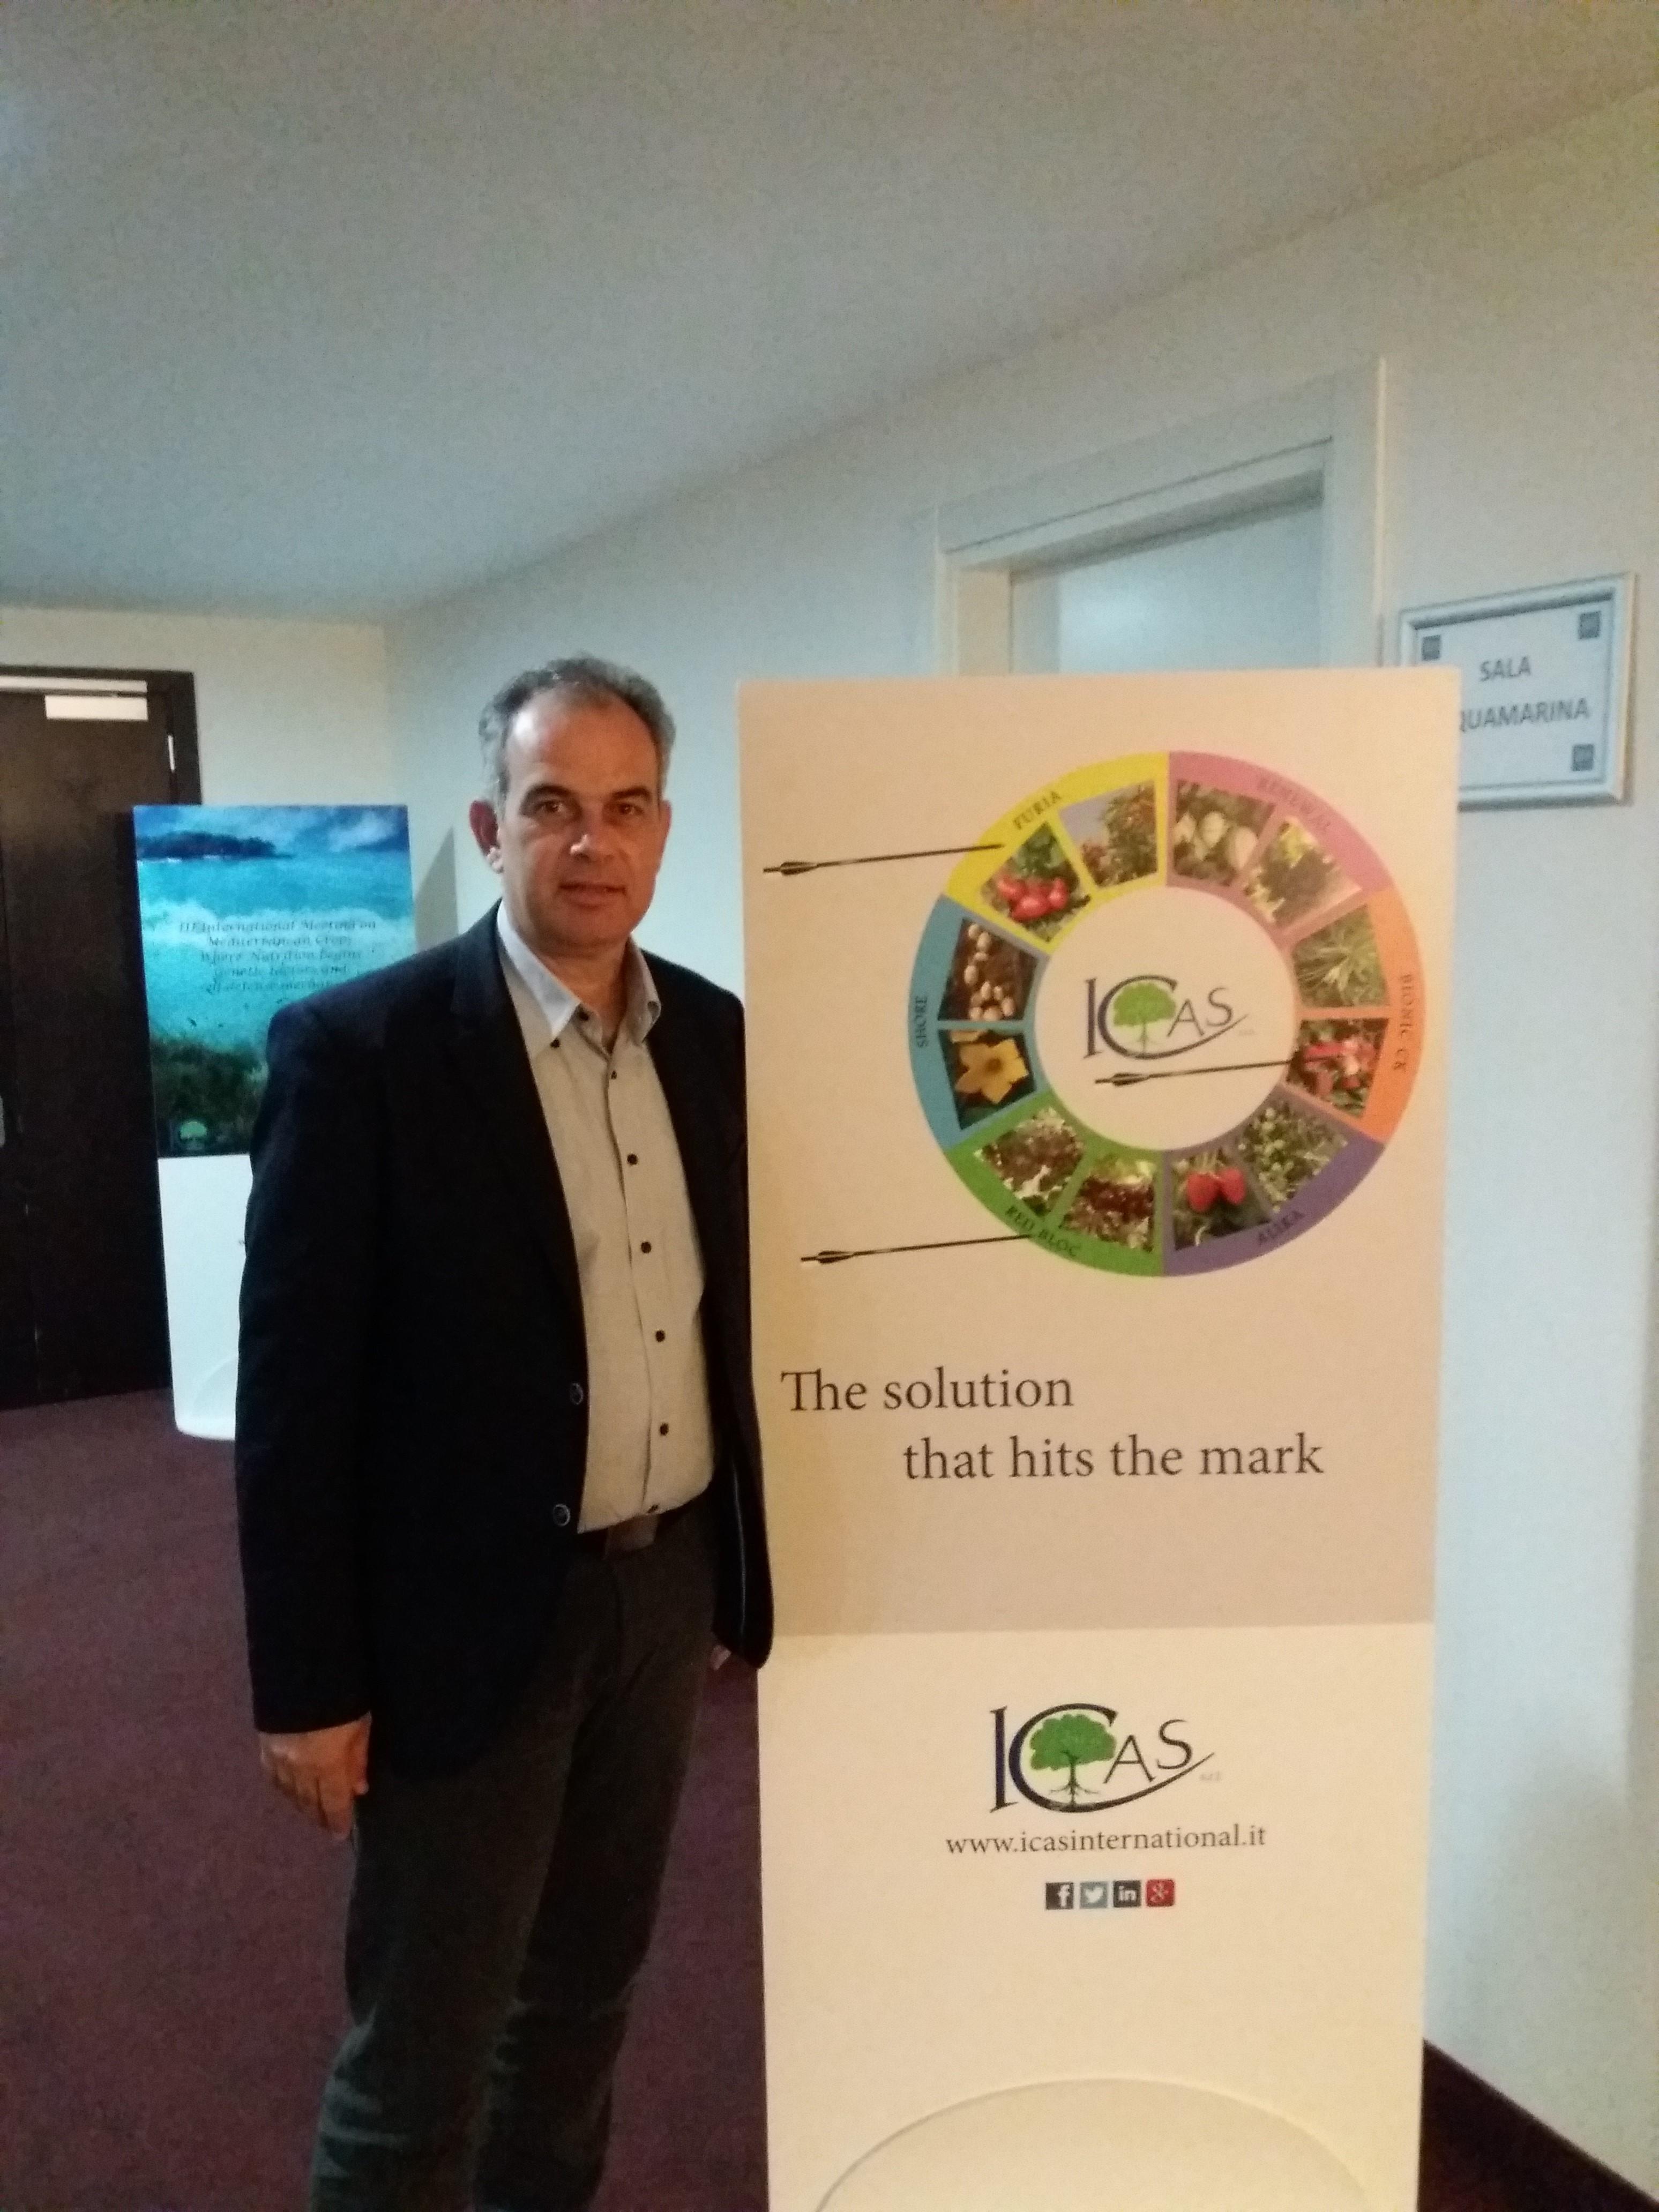 Ομιλία του καθηγητή Τεχνολογίας του ΗΕΑ στο 3ο Μεσογειακό Συνέδριο Αμπελουργίας στη Ρώμη